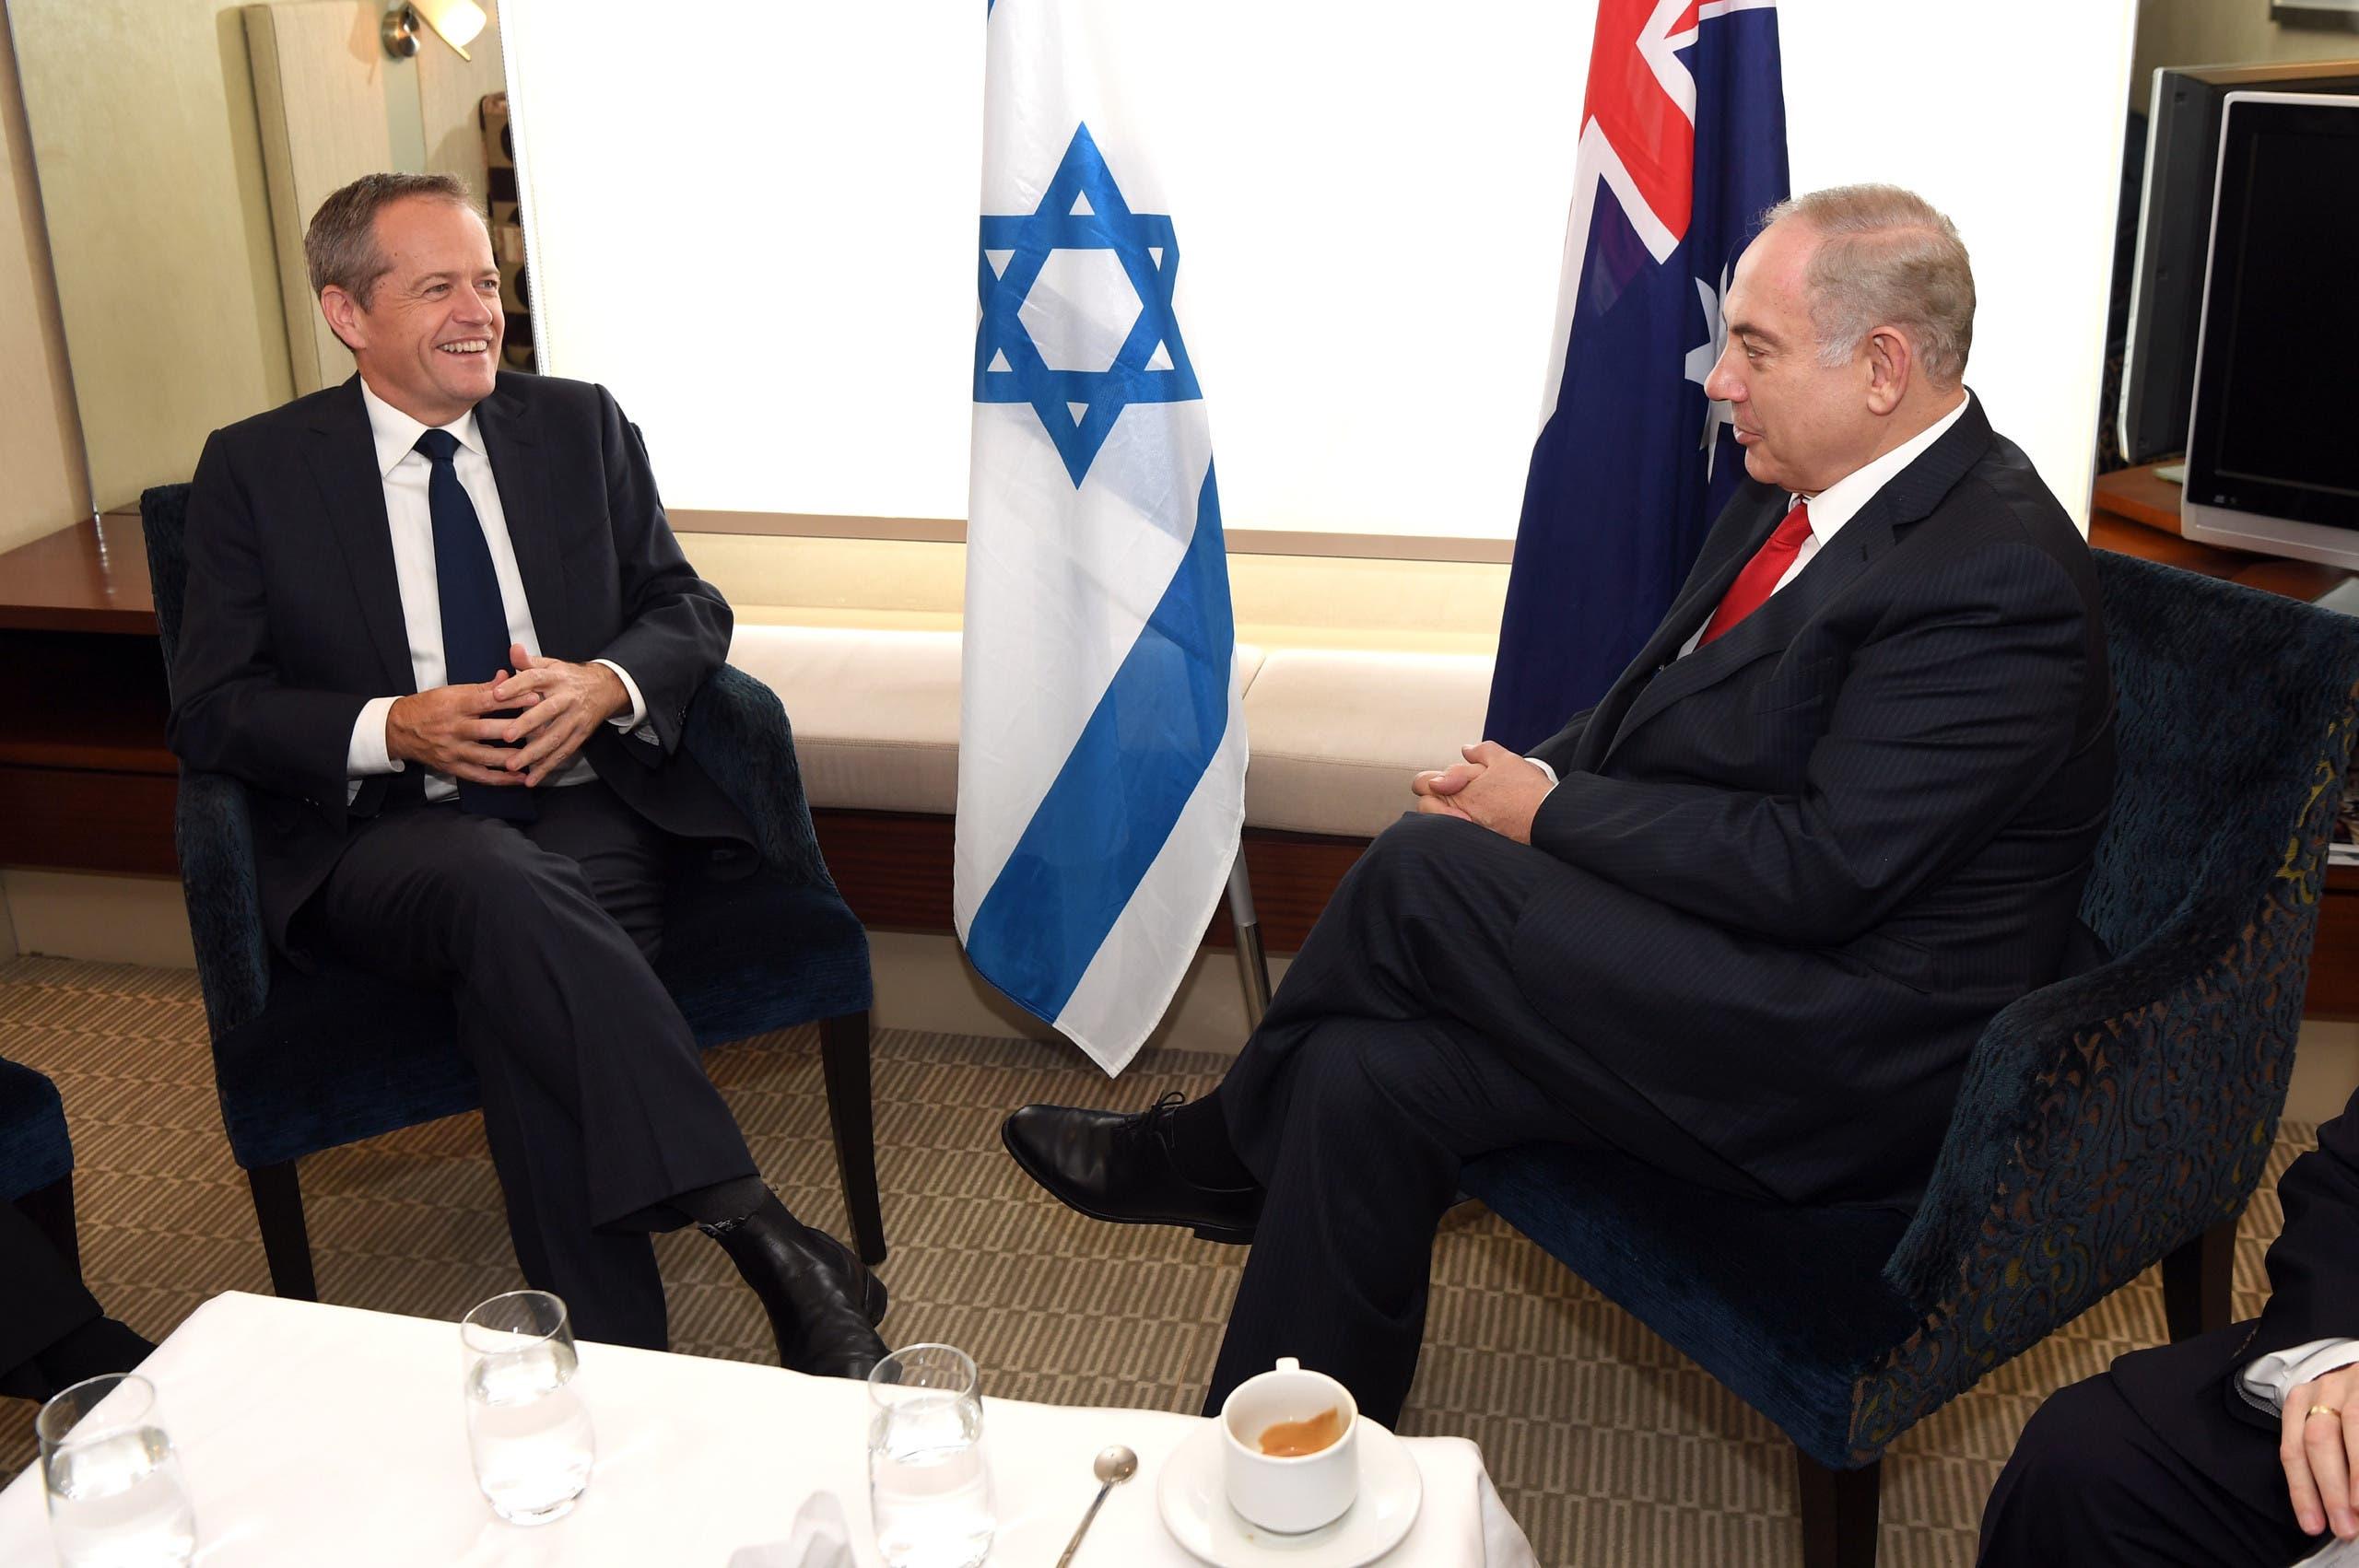 زعيم المعارضة الأسترالية مع نتنياهو